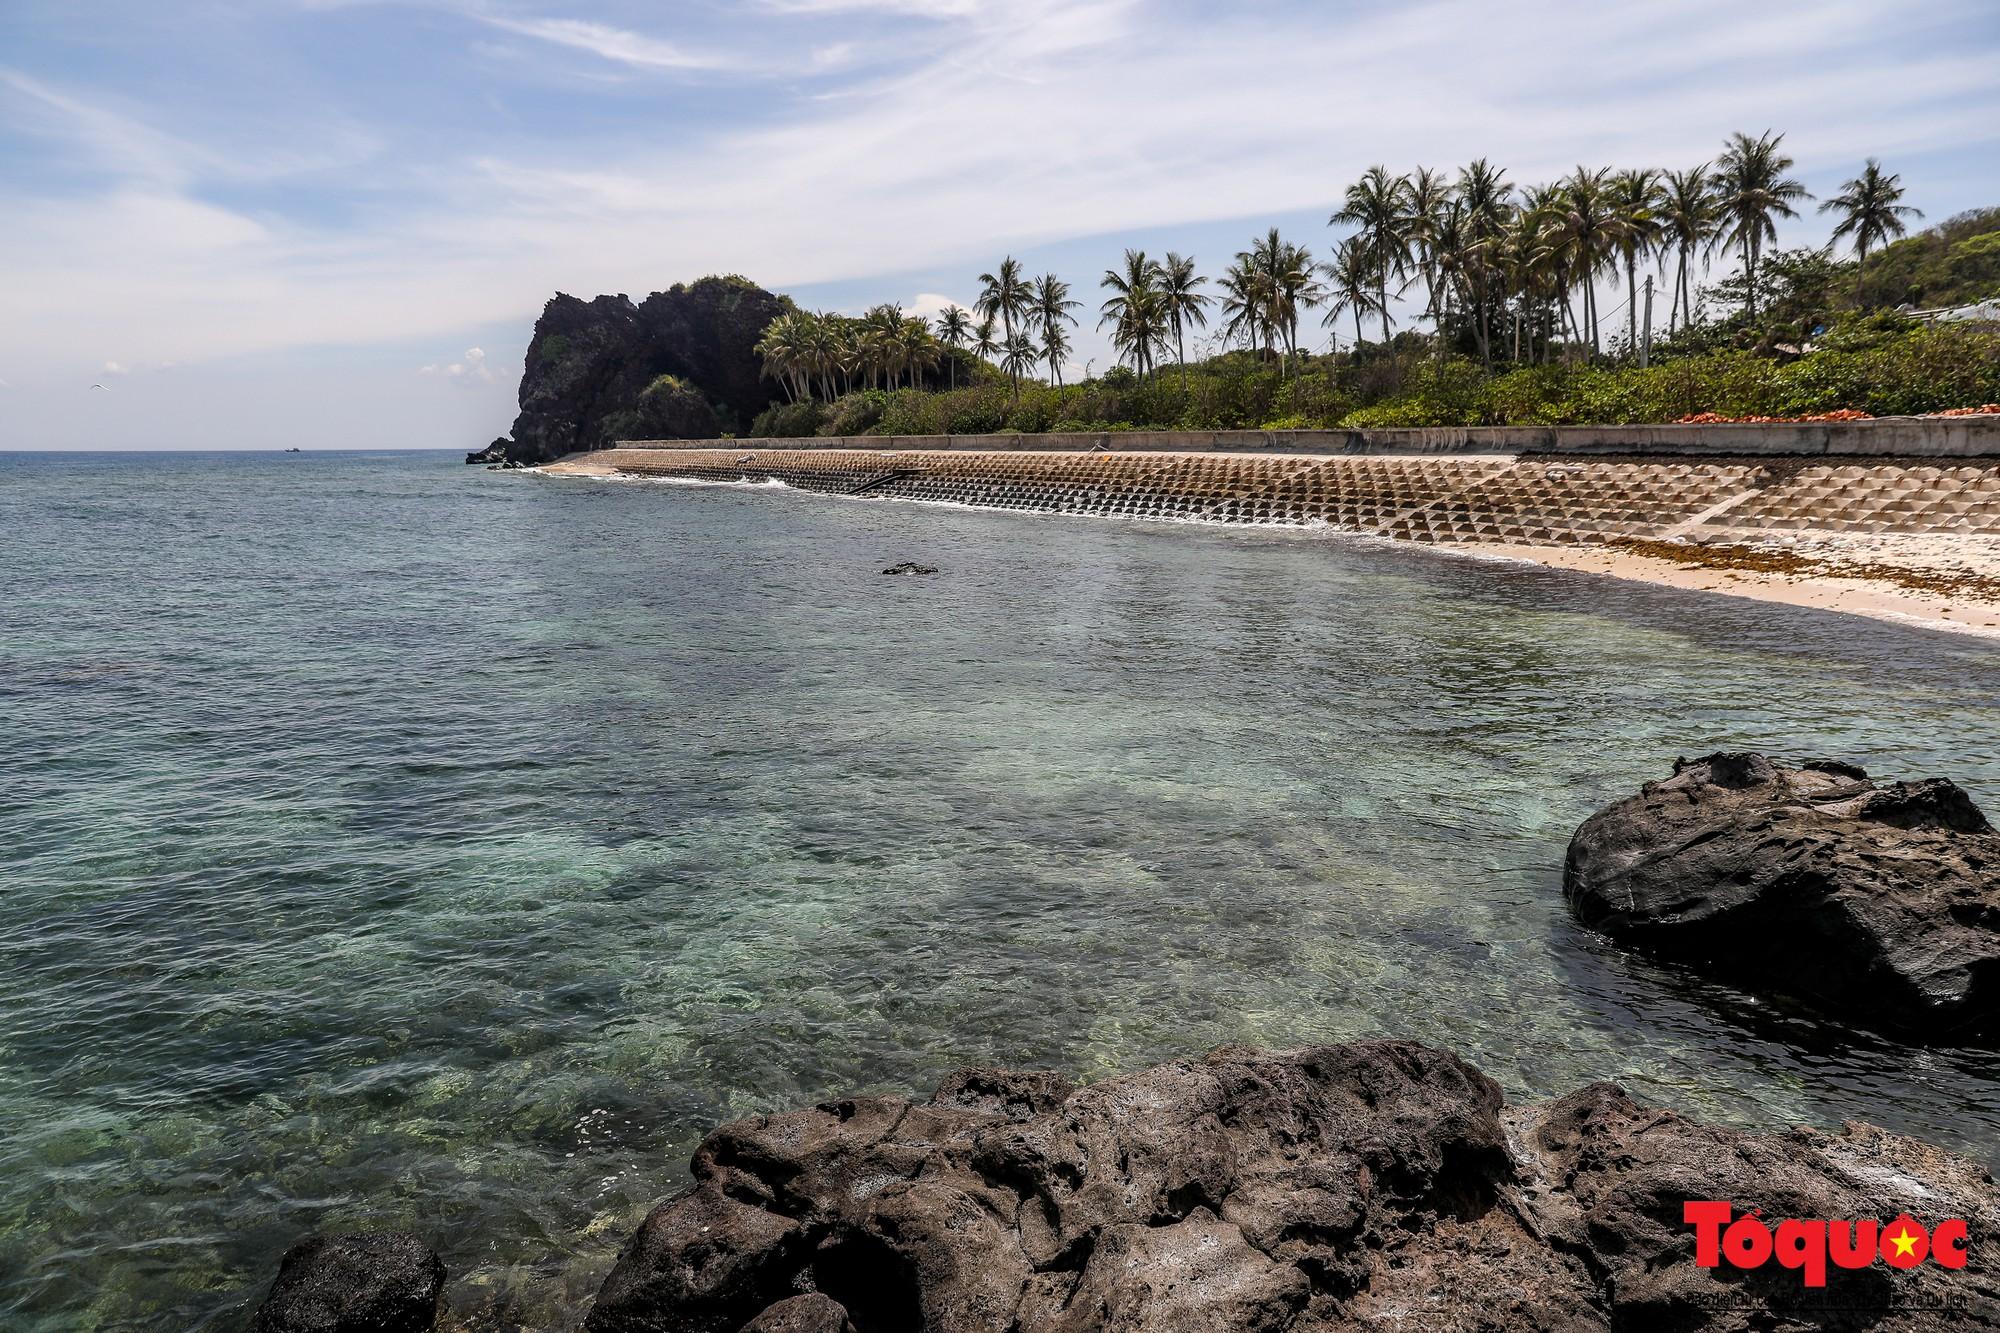 Ngỡ ngàng trước vẻ đẹp hoang sơ như thiên đường nhỏ của Đảo Bé, Lý Sơn - Ảnh 8.